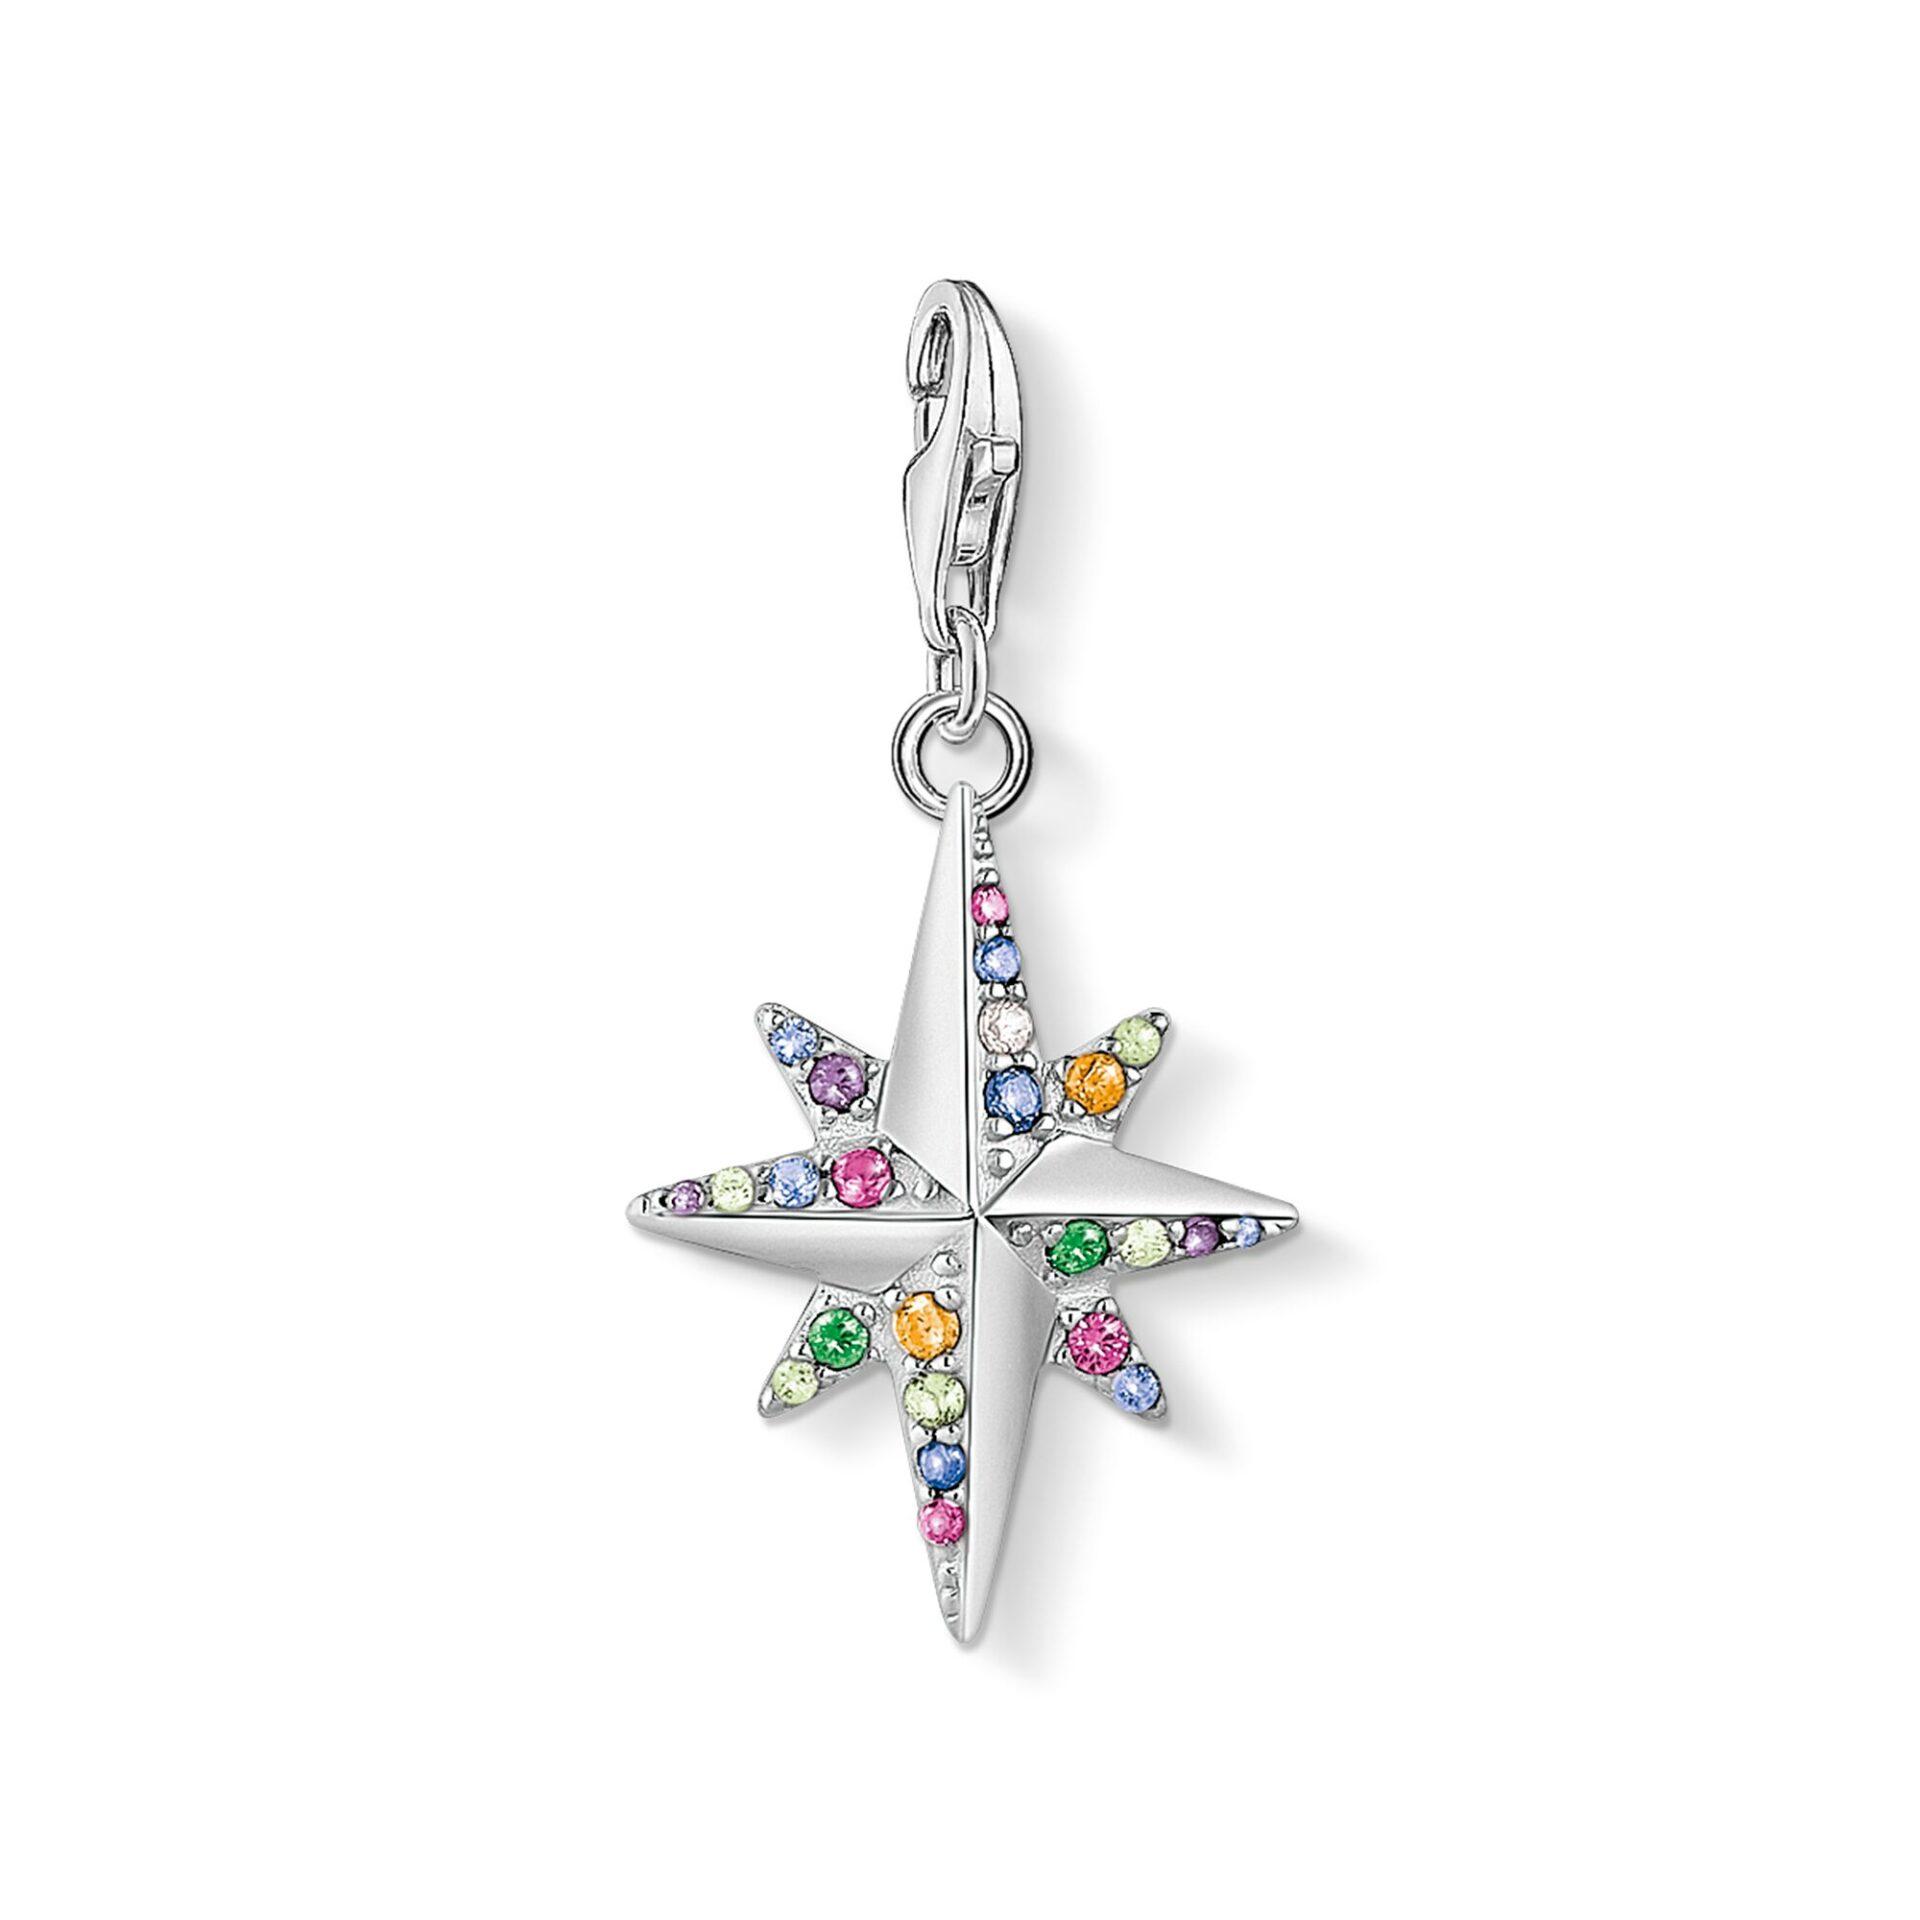 Pendentif Charm Étoile colorée argent Thomas Sabo